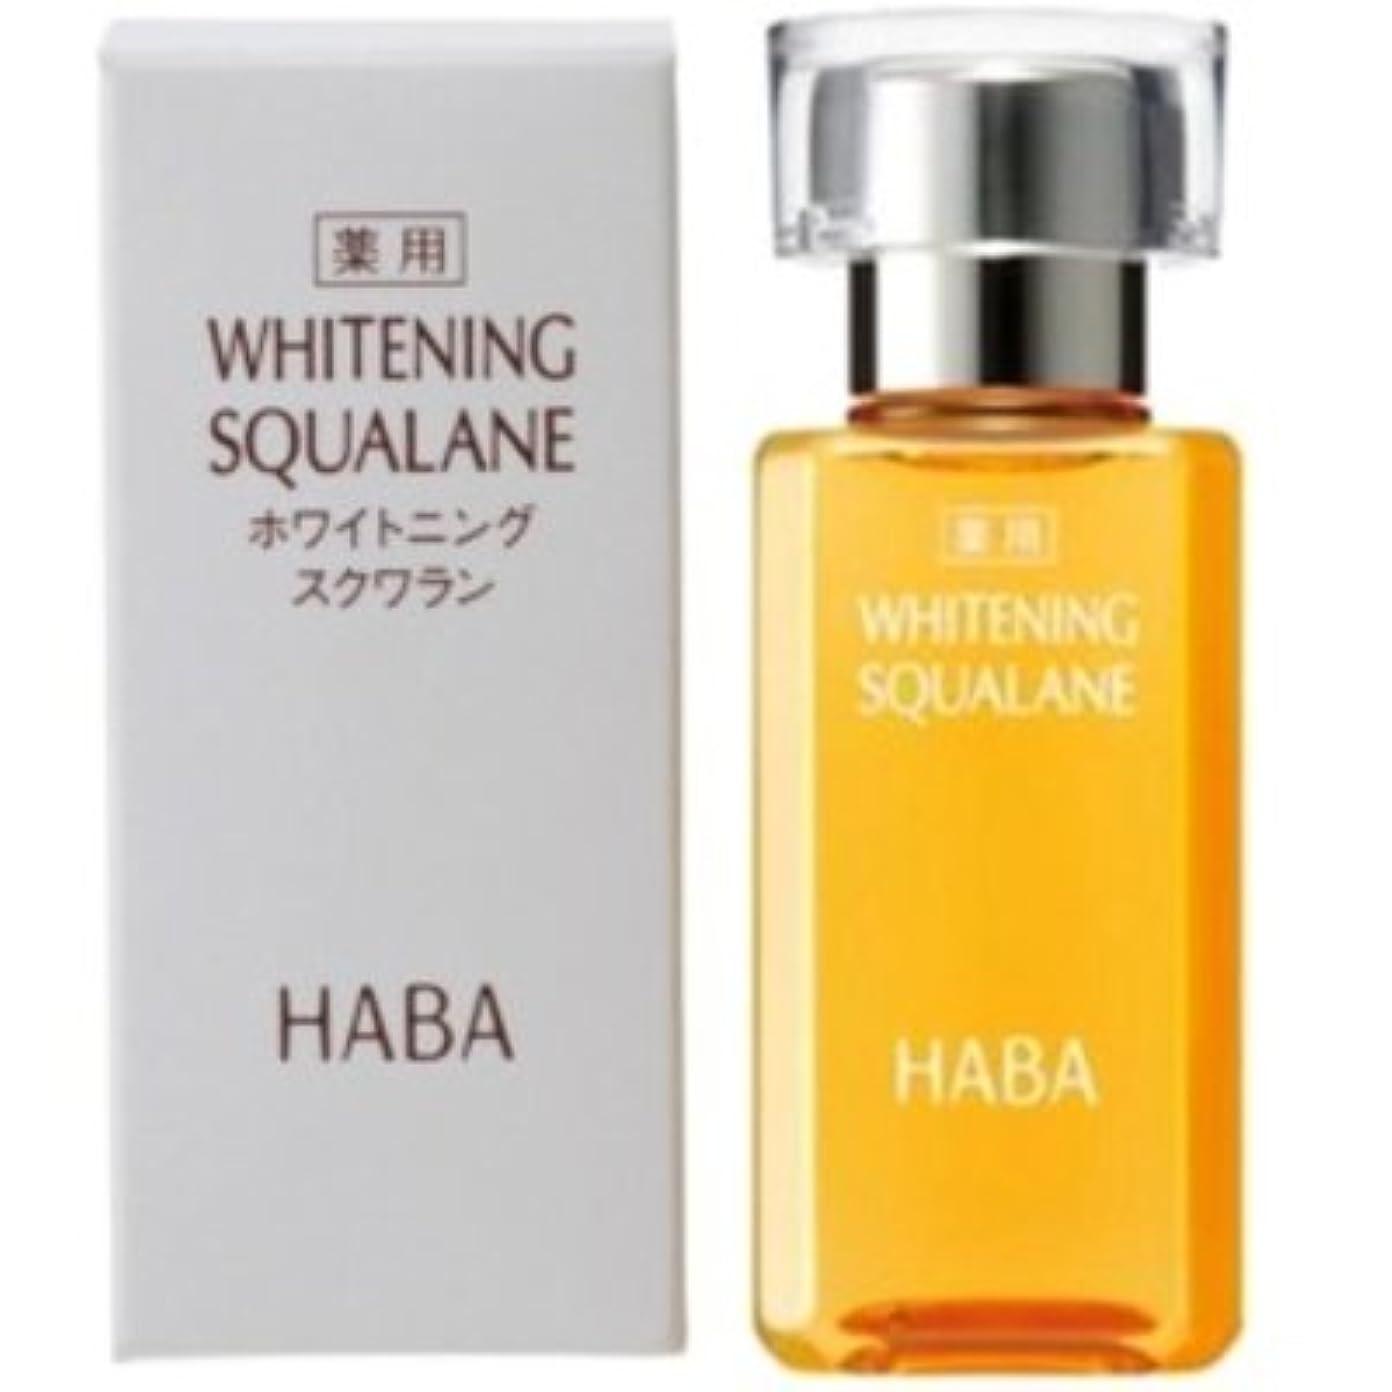 HABA 薬用 ホワイトニングスクワラン 15ml 【医薬部外品】